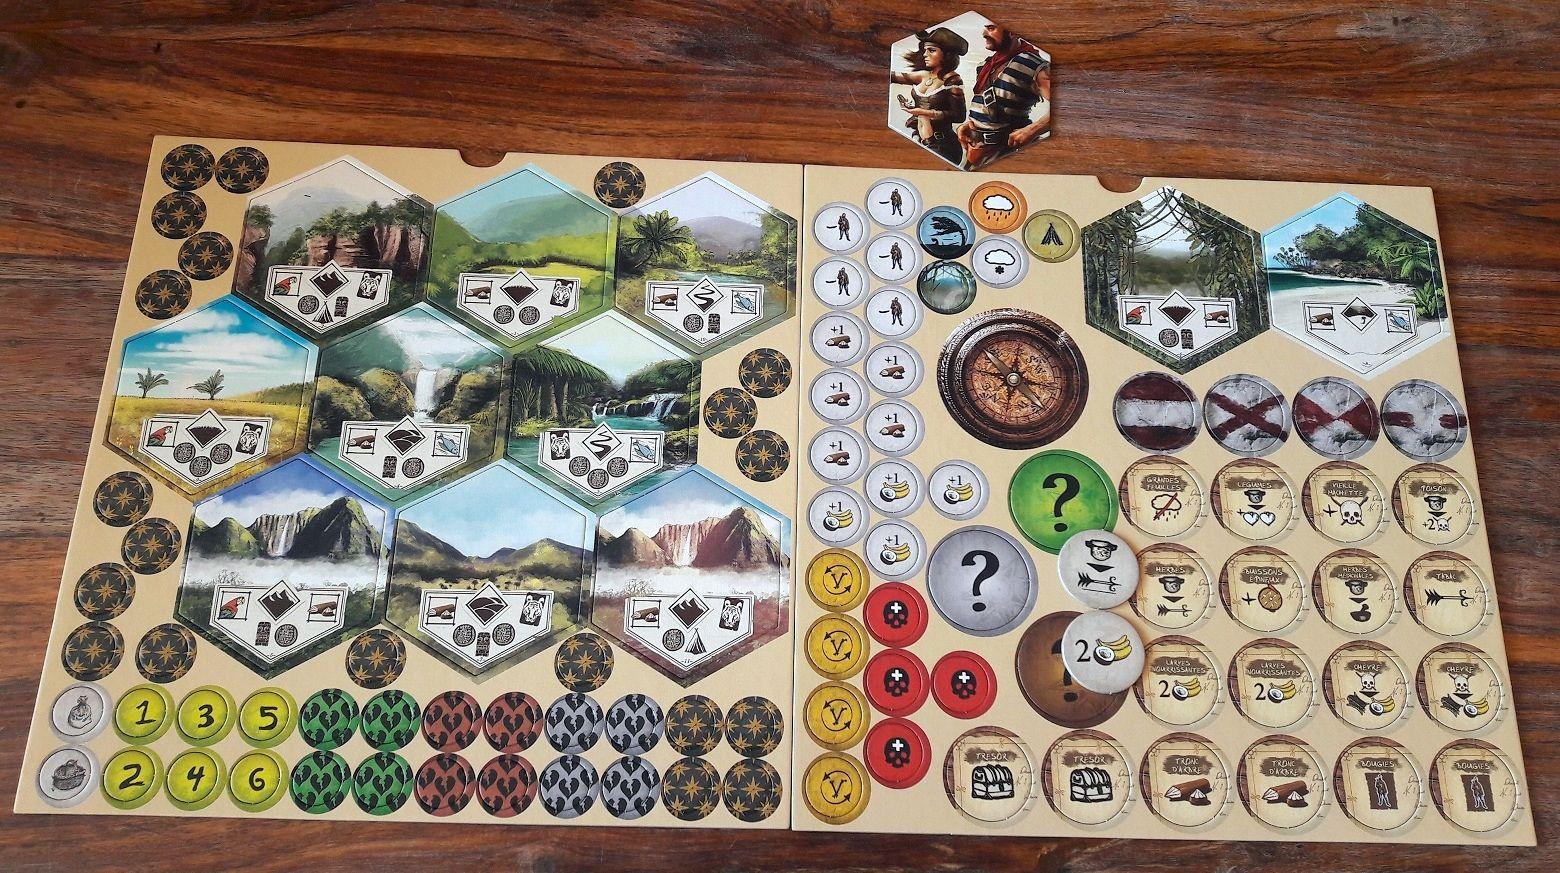 De légers changements sont à constater : jeton premier joueur (tuile vs boussole) et les pions exploration ont gagné du texte (pratique pour les règles).